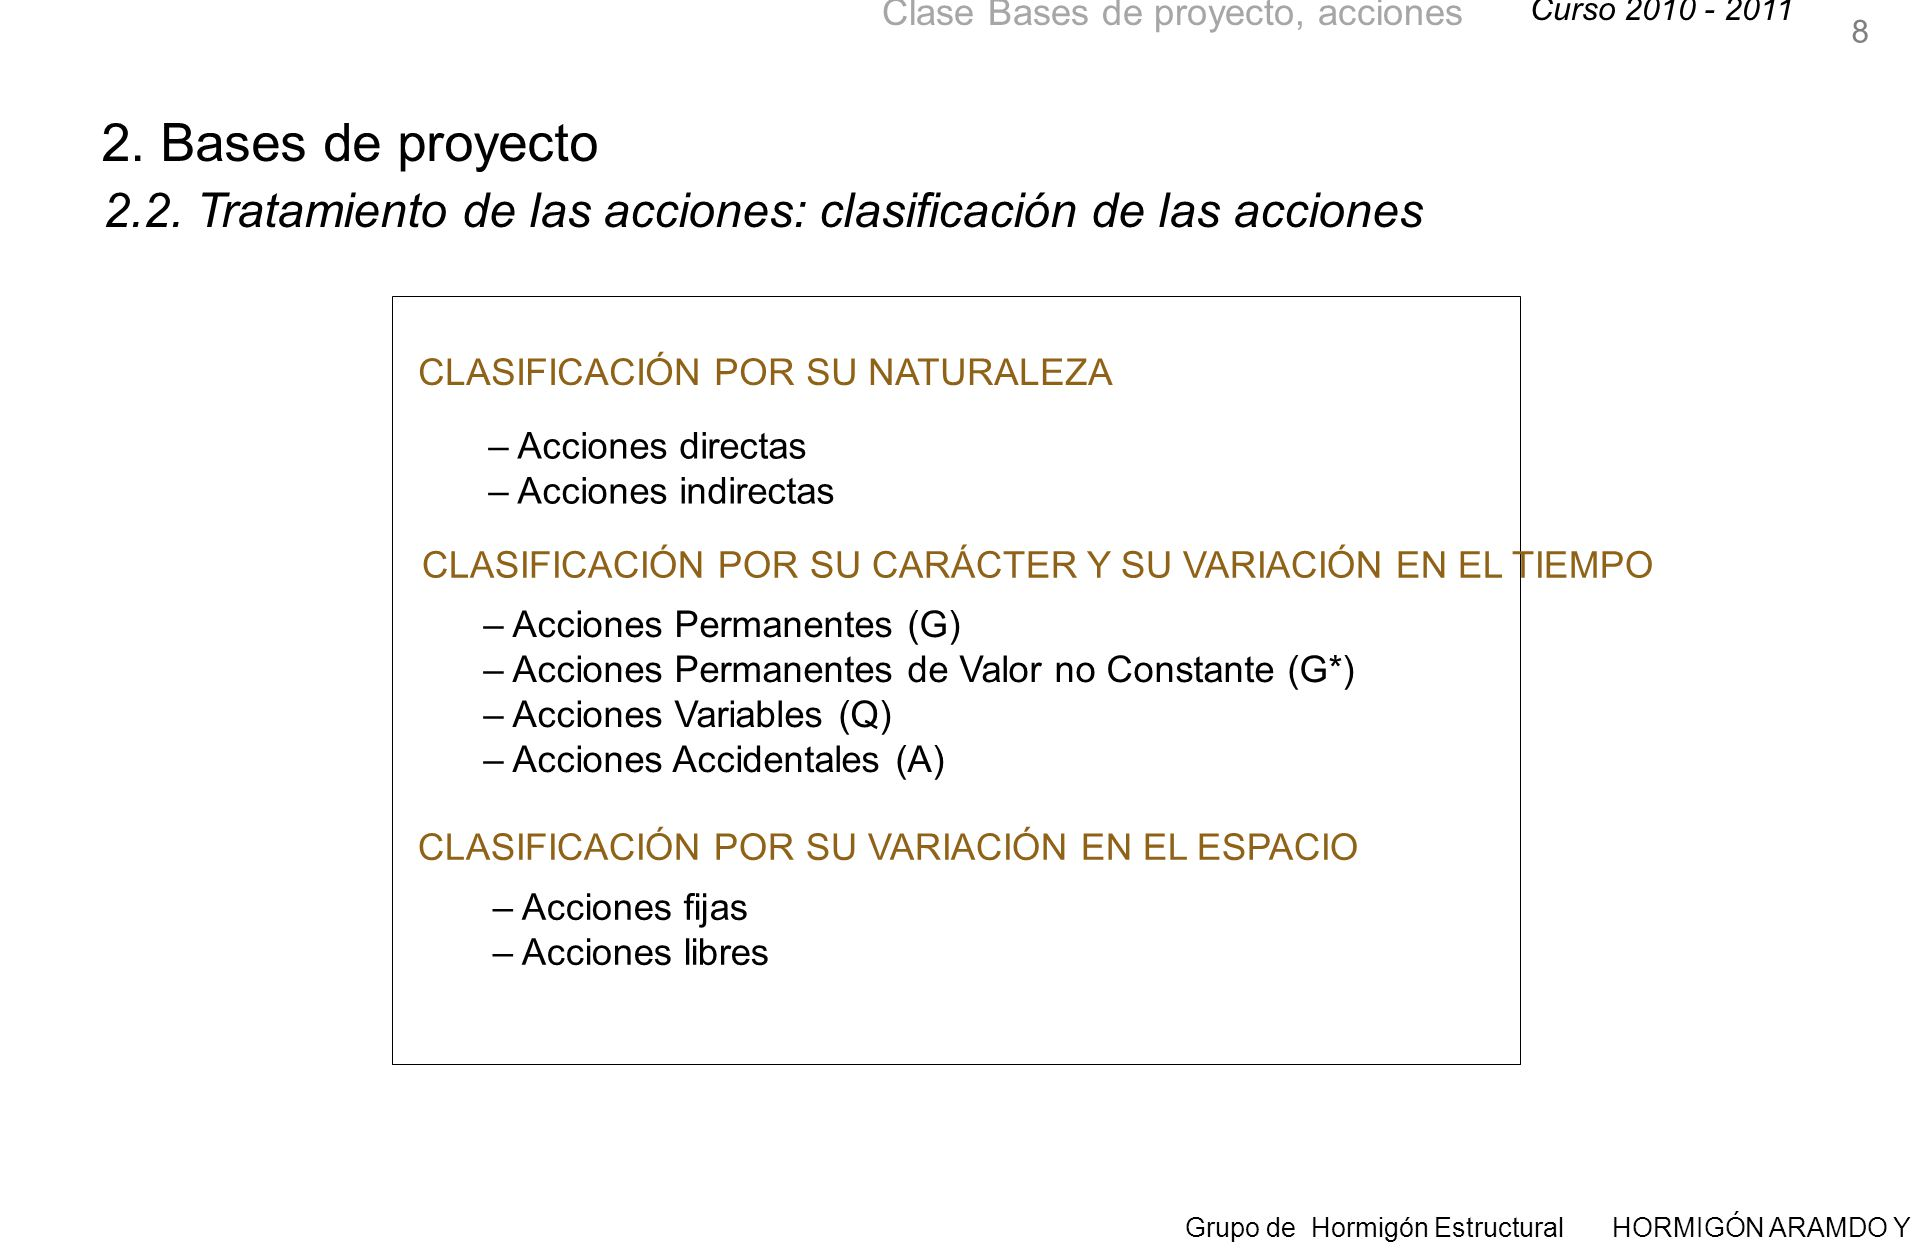 Curso 2010 - 2011 Grupo de Hormigón Estructural HORMIGÓN ARAMDO Y PRETENSADO II Clase Bases de proyecto, acciones 29 2.